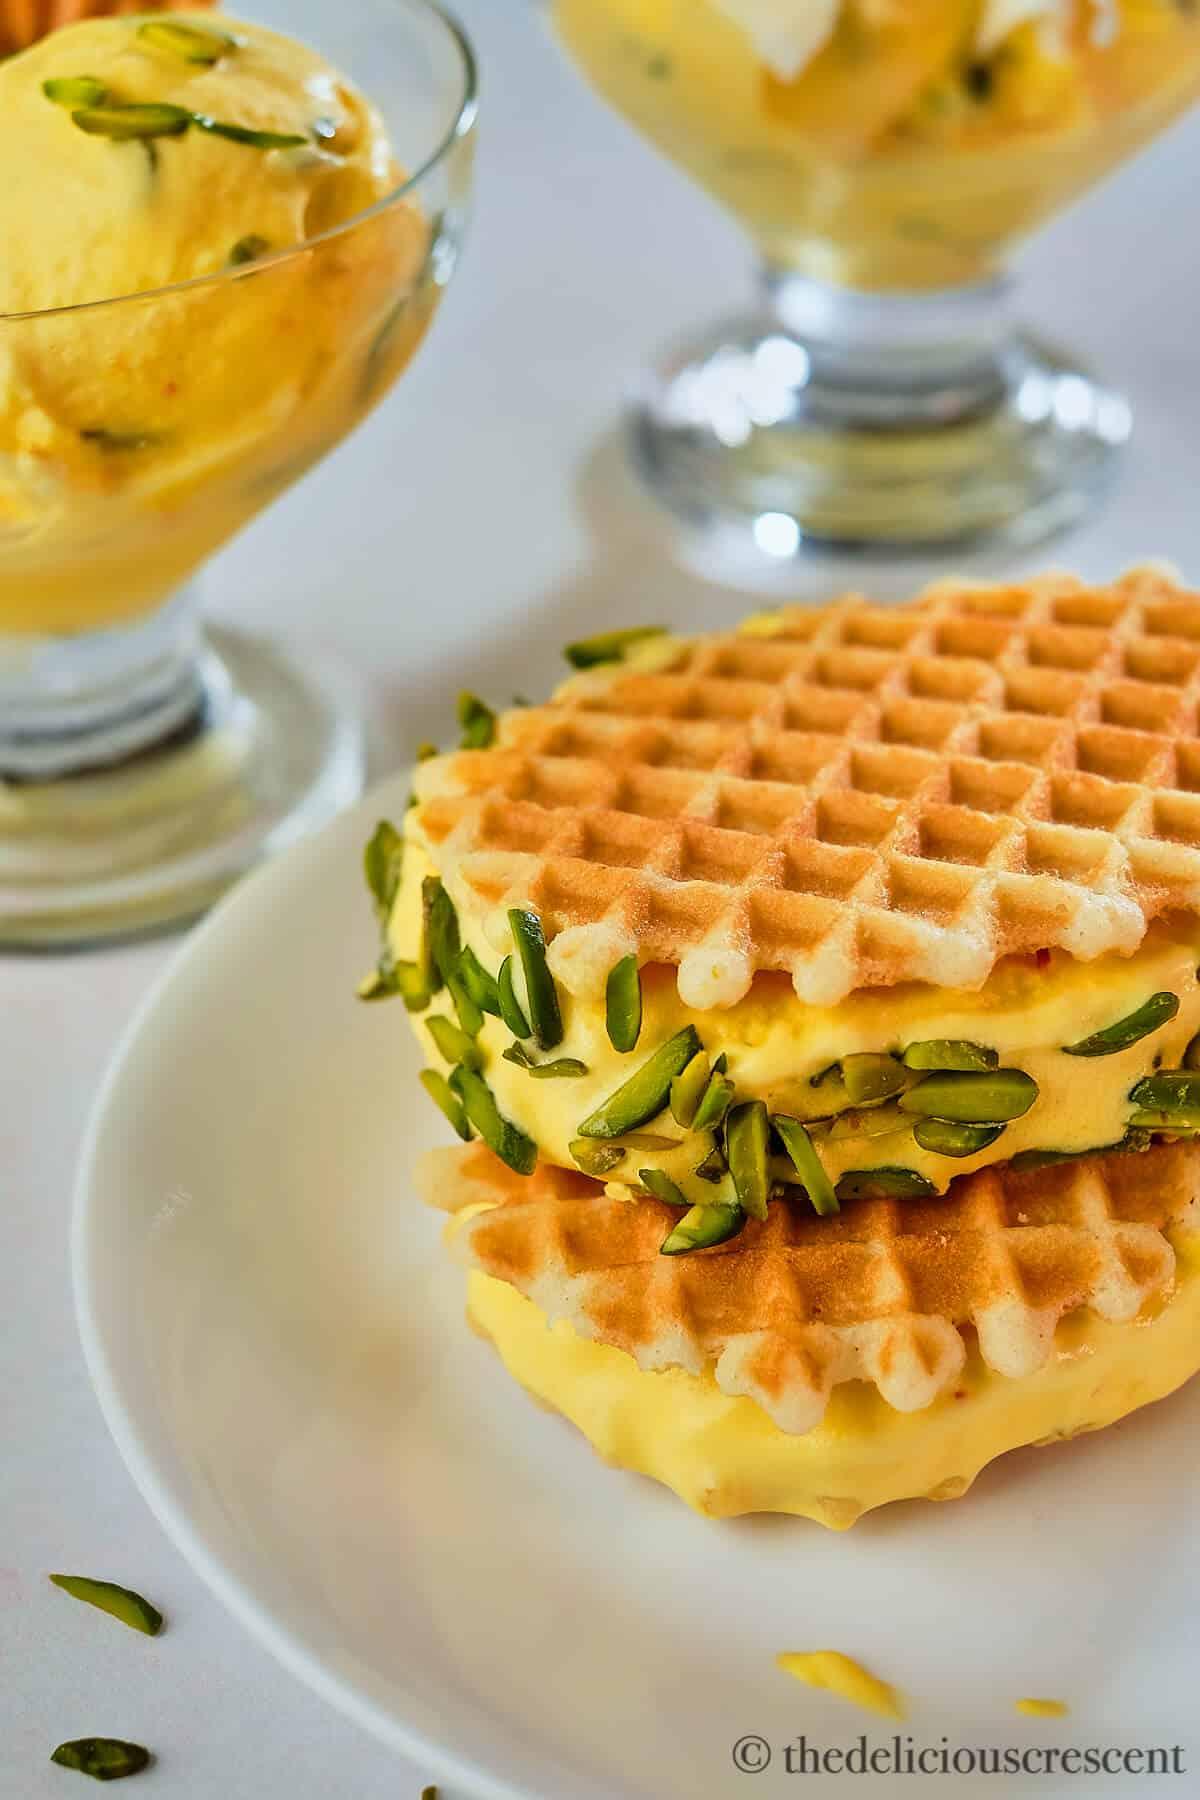 Saffron ice cream sandwich with pistachios.